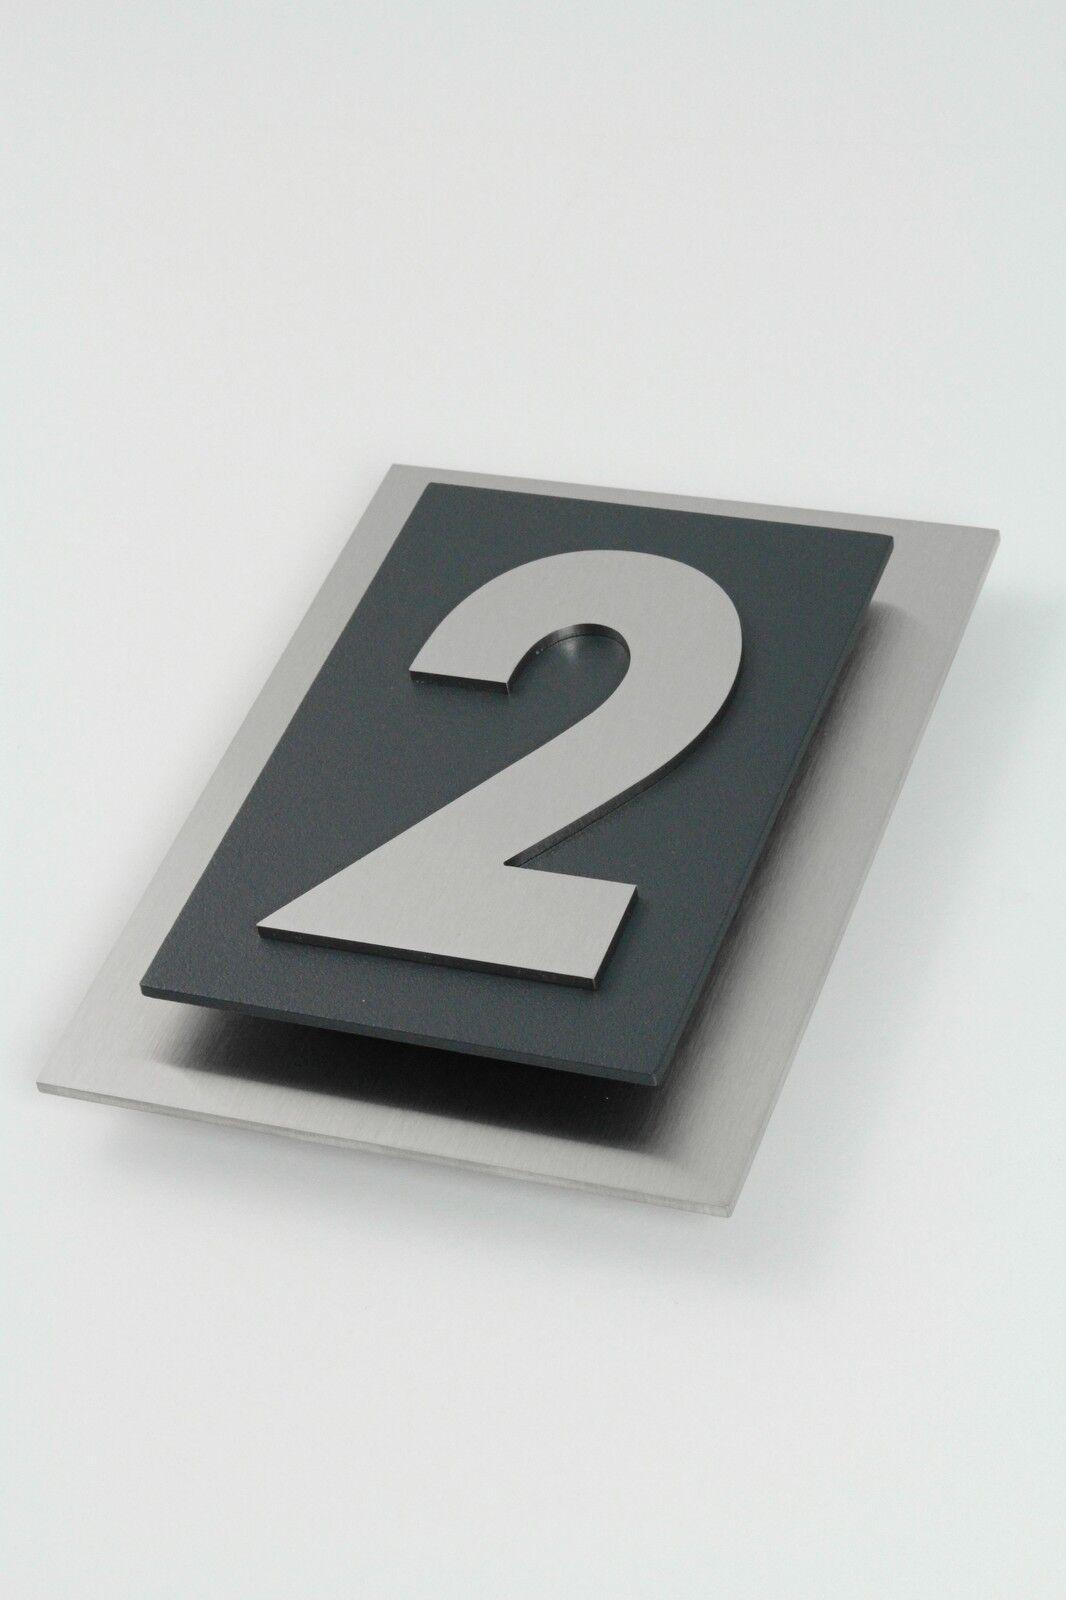 hausnummer edelstahl anthrazit ral 7016 design verona v2a. Black Bedroom Furniture Sets. Home Design Ideas